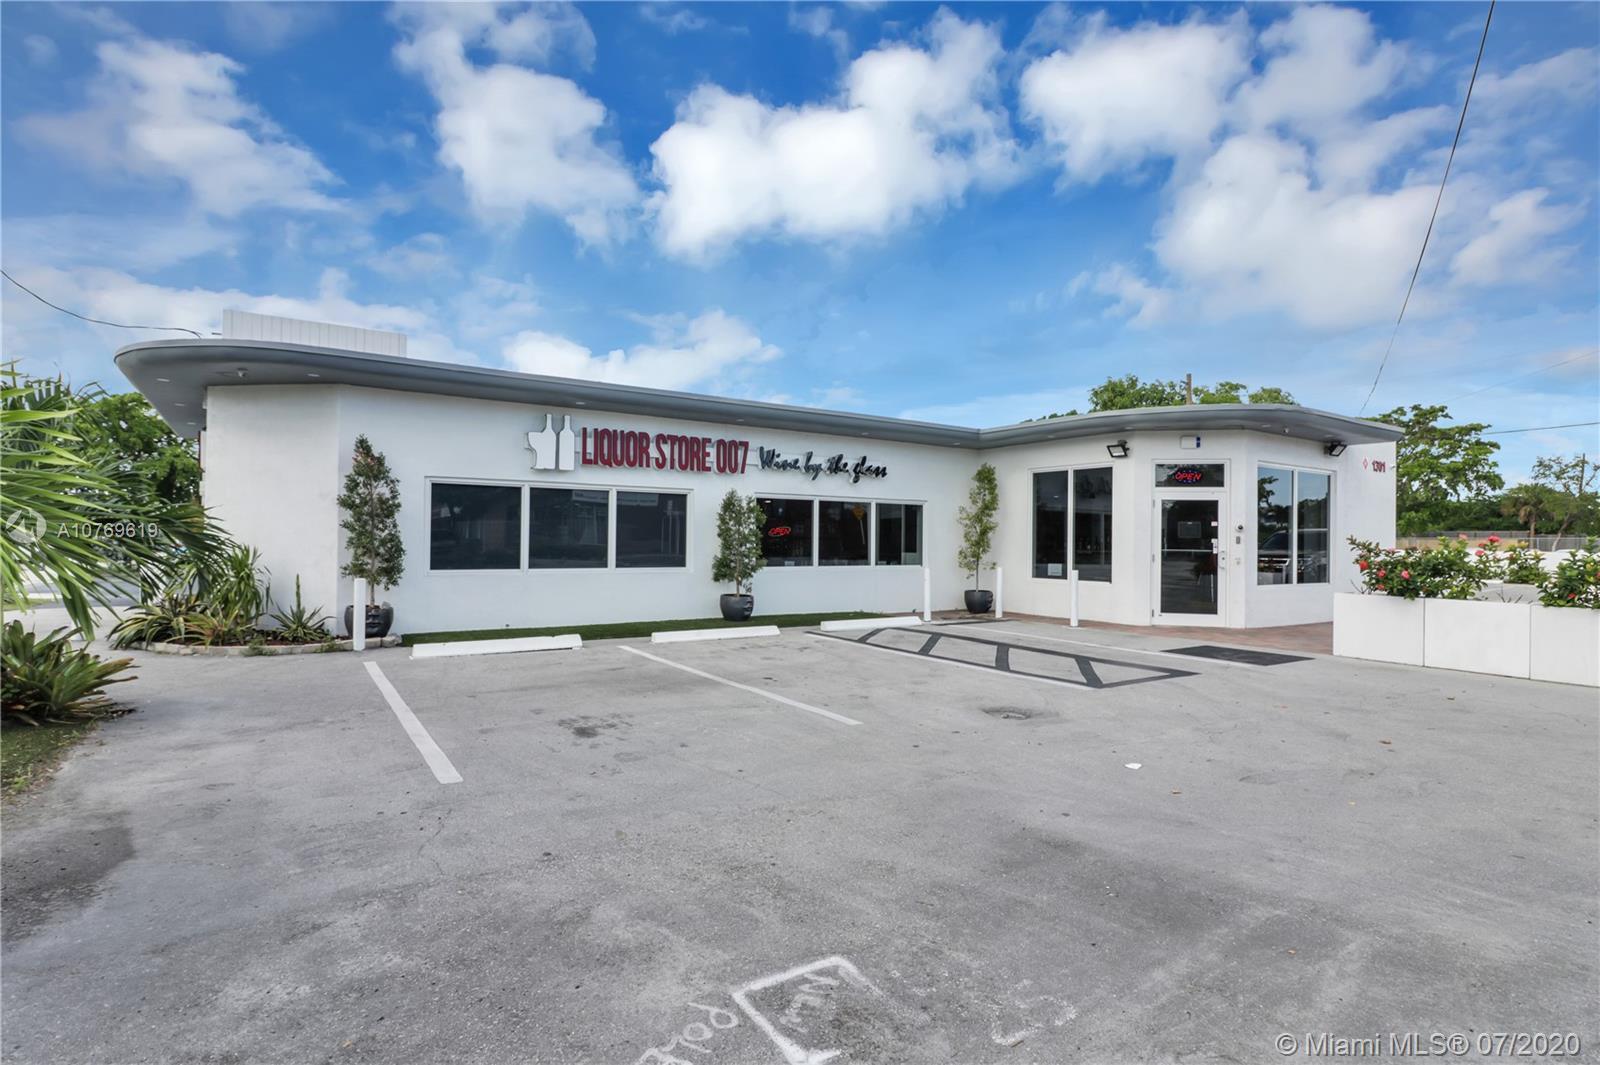 1301 N Dixie Hwy, Fort Lauderdale, FL 33304